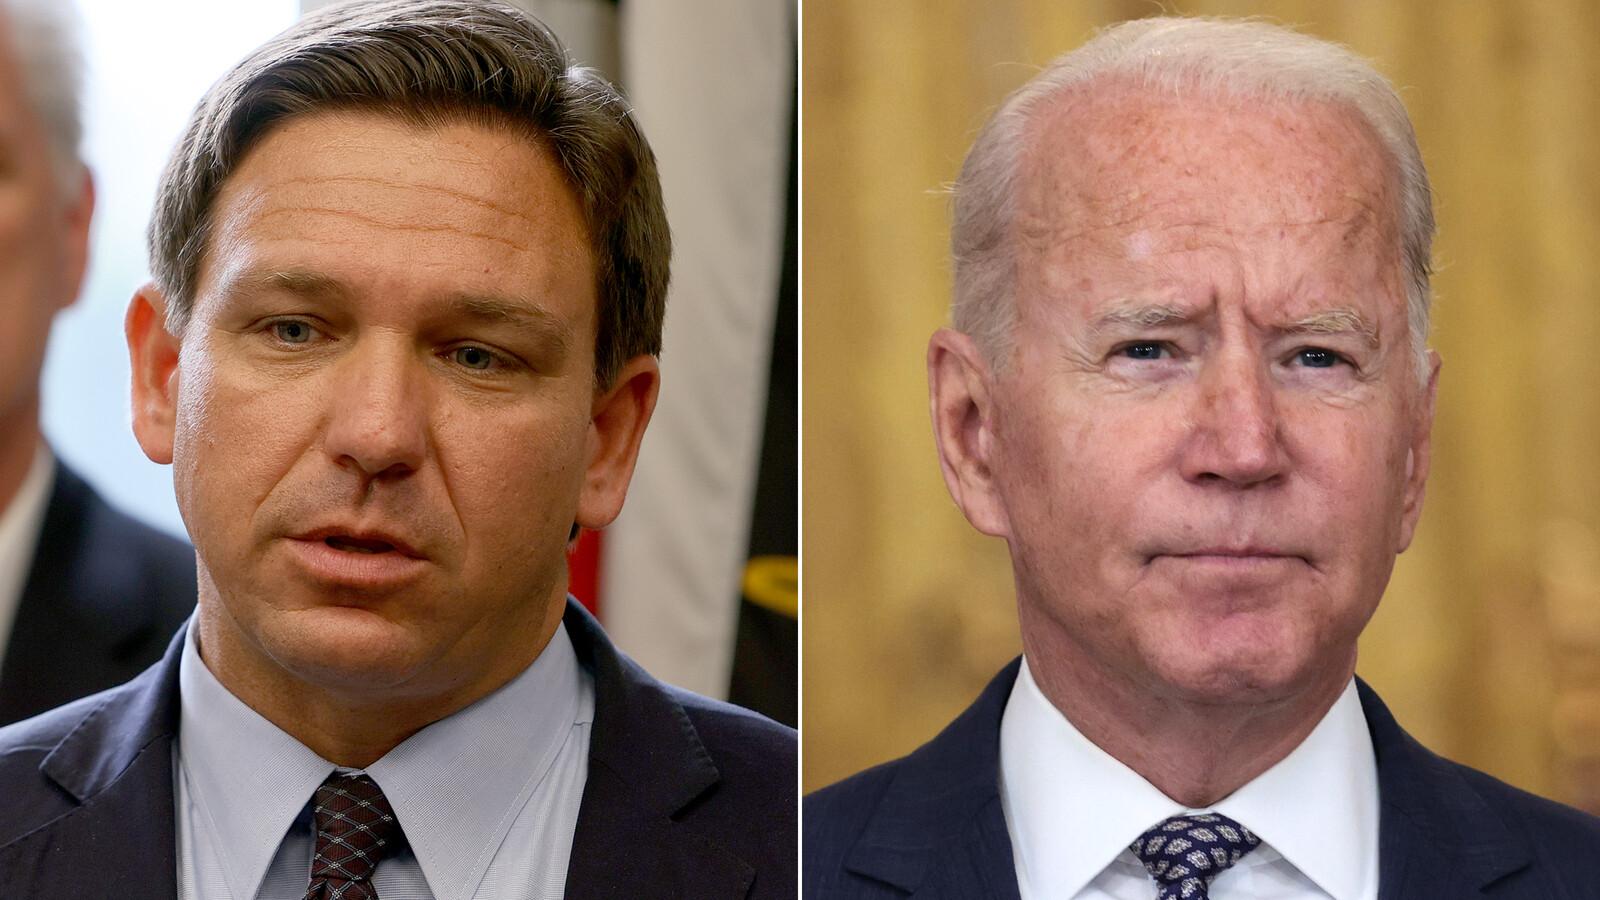 DeSantis announces lawsuit against Biden administration over immigration policy